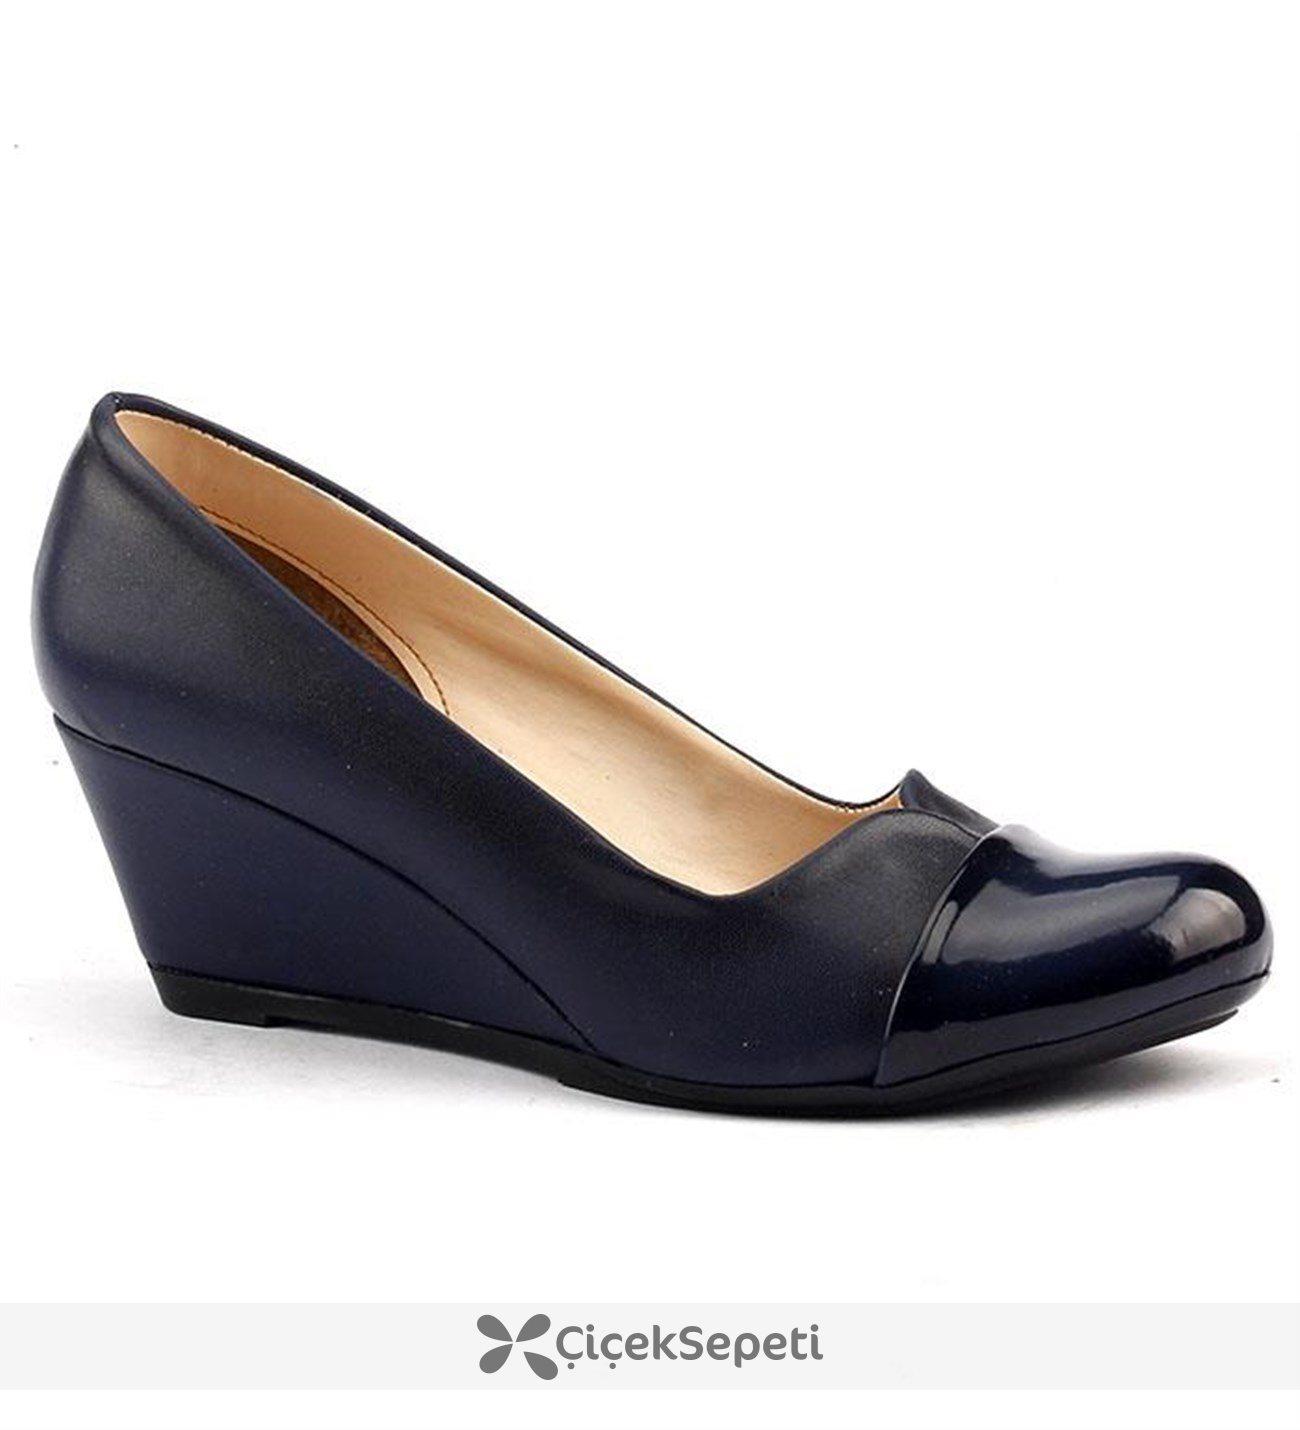 Ayakland 084 Günlük 55 Cm Dolgu Topuk Bayan Babet Ayakkabı